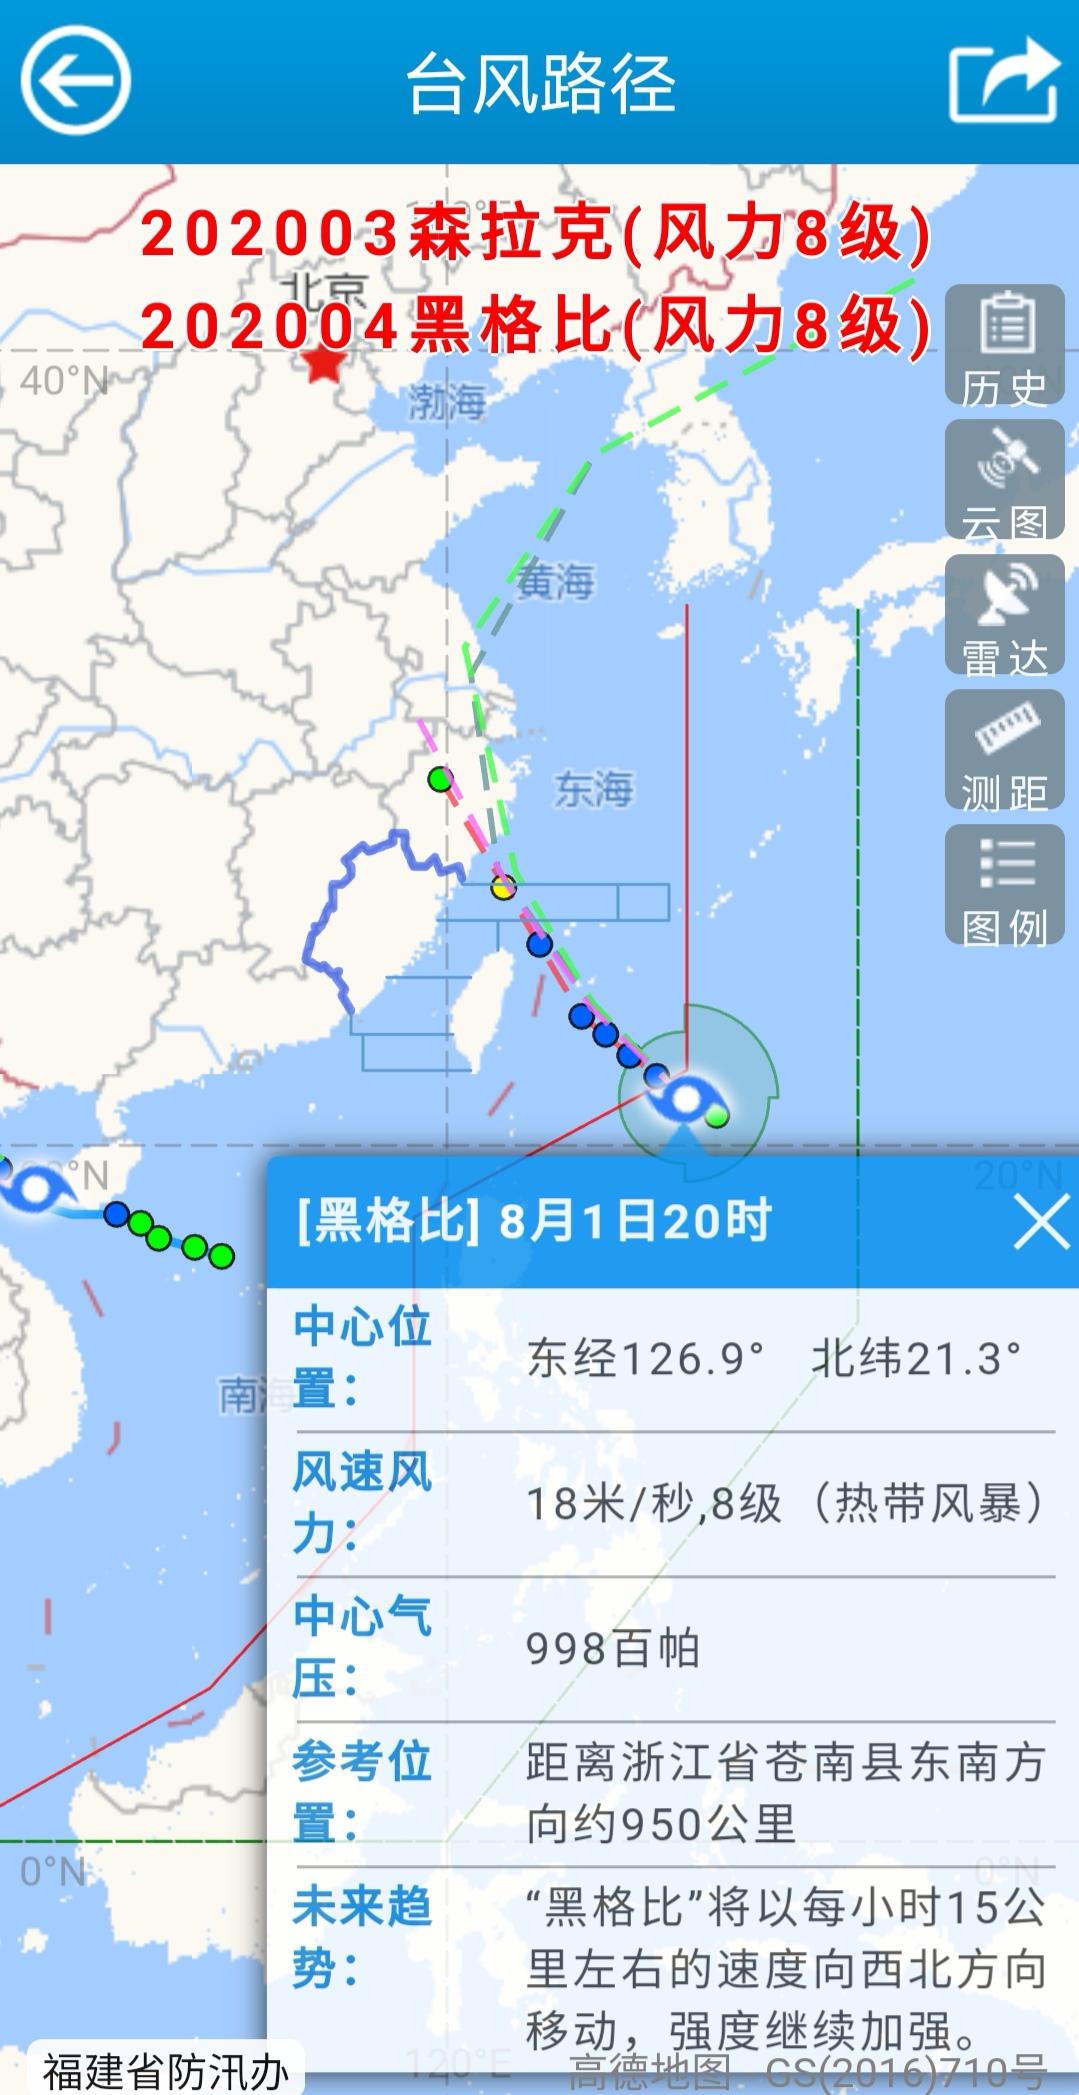 今年第4号台风生成 福建启动IV级应急响应